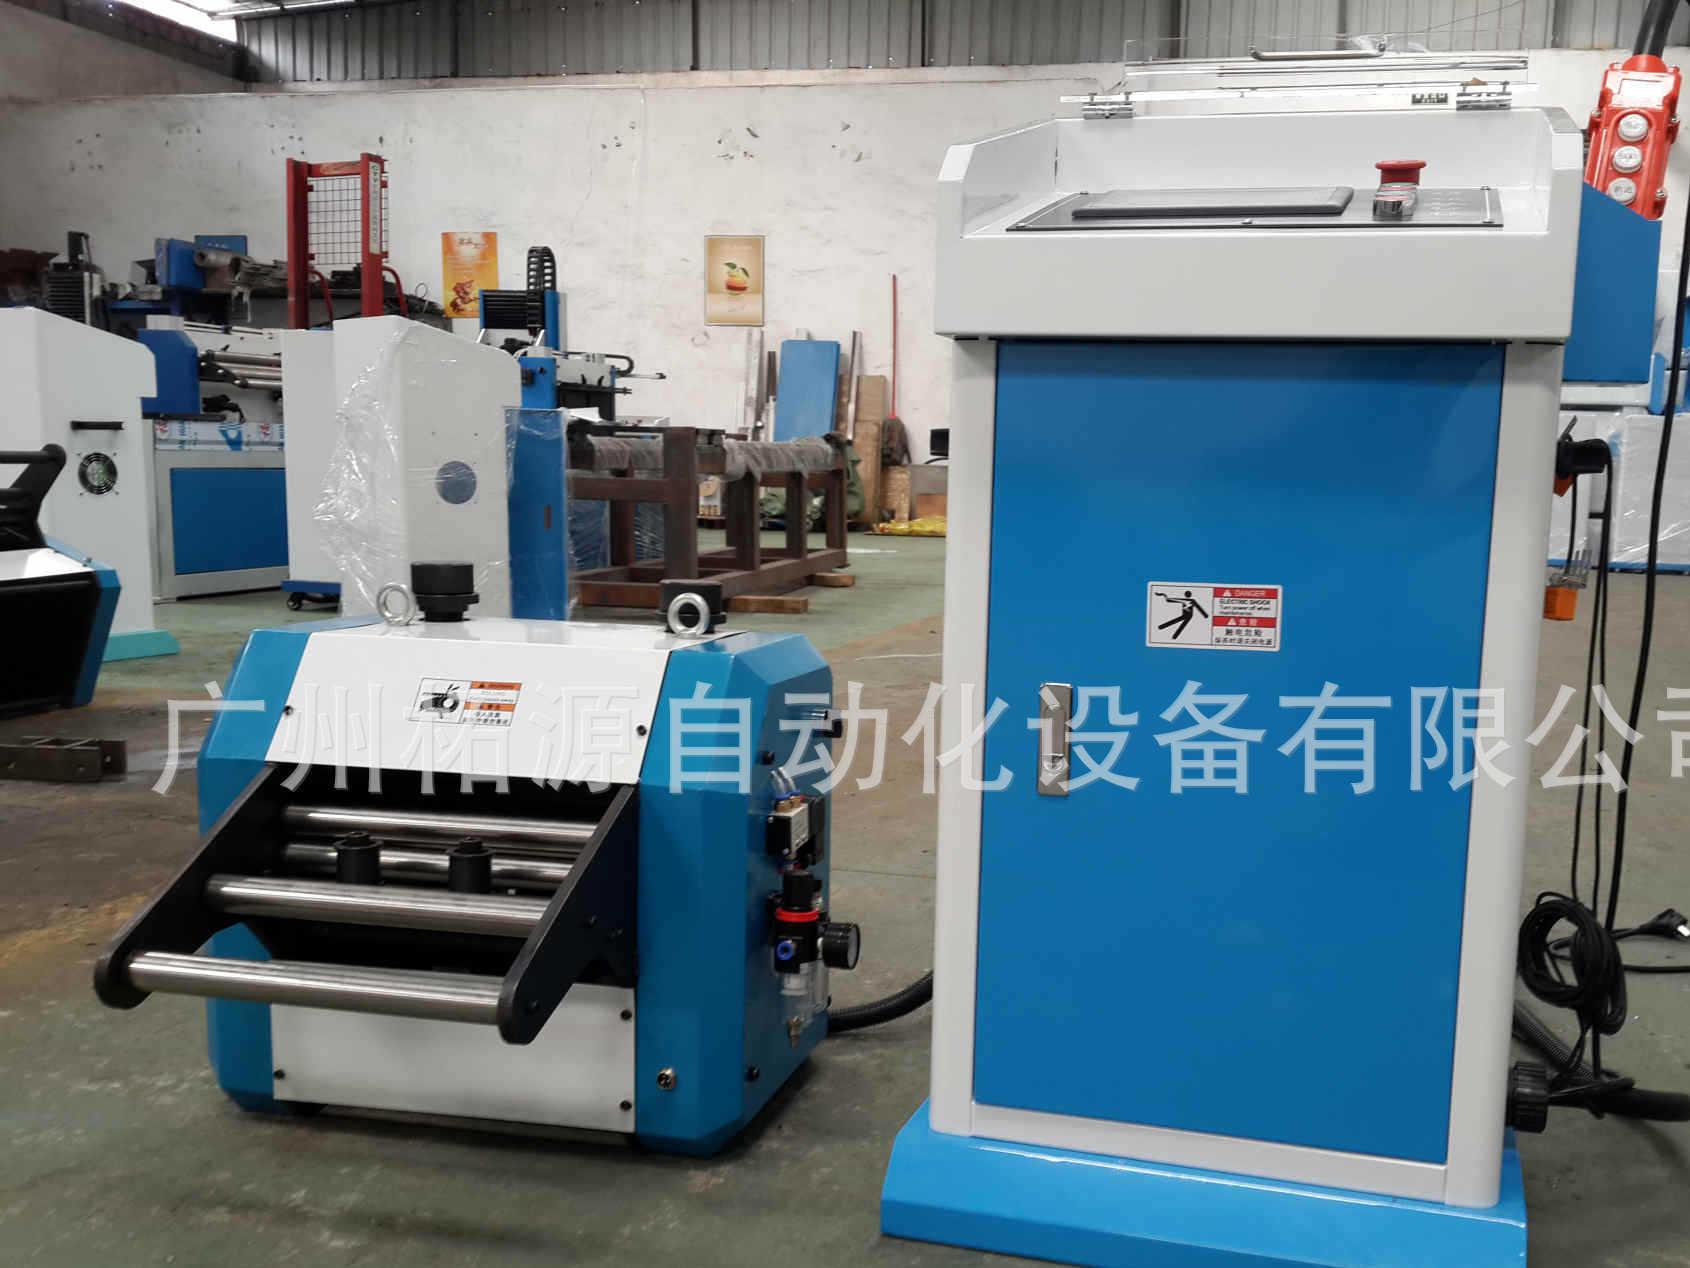 保修两年!新品上市 改造剪板机自动化 数控剪板前自动送料机